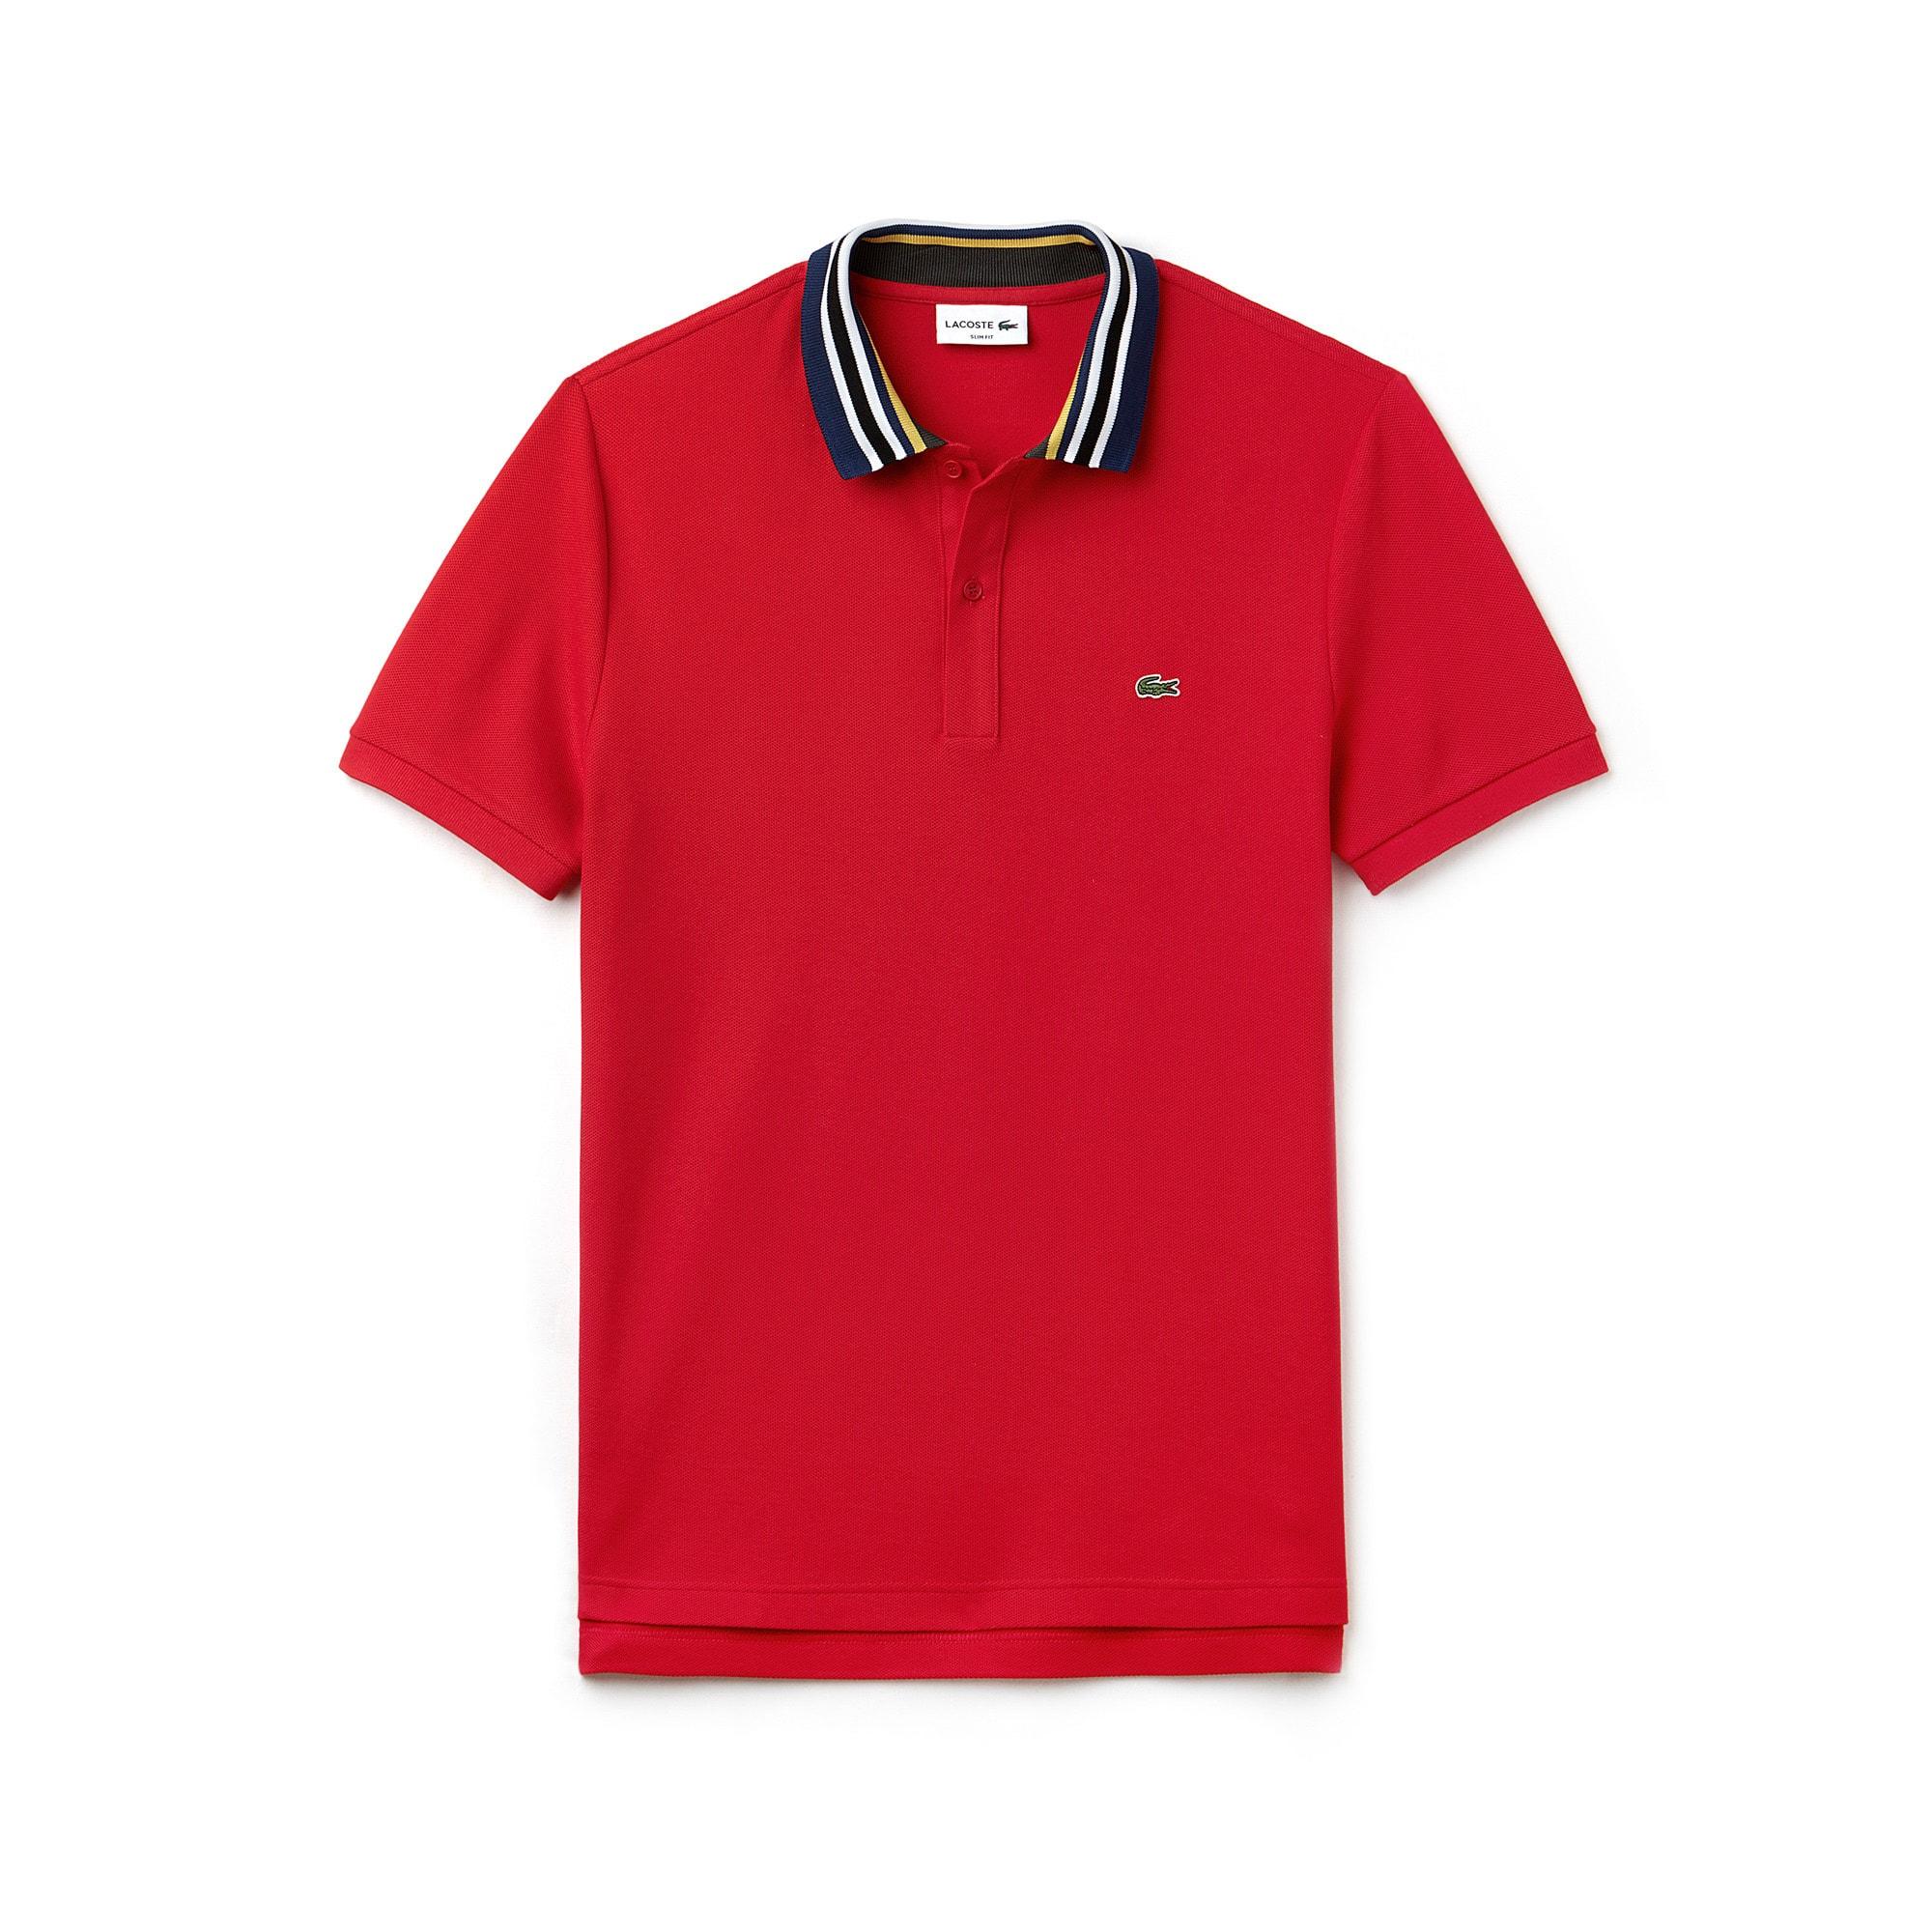 LACOSTE Slim Fit Herren-Poloshirt aus Baumwoll-Piqué mit Paspeln